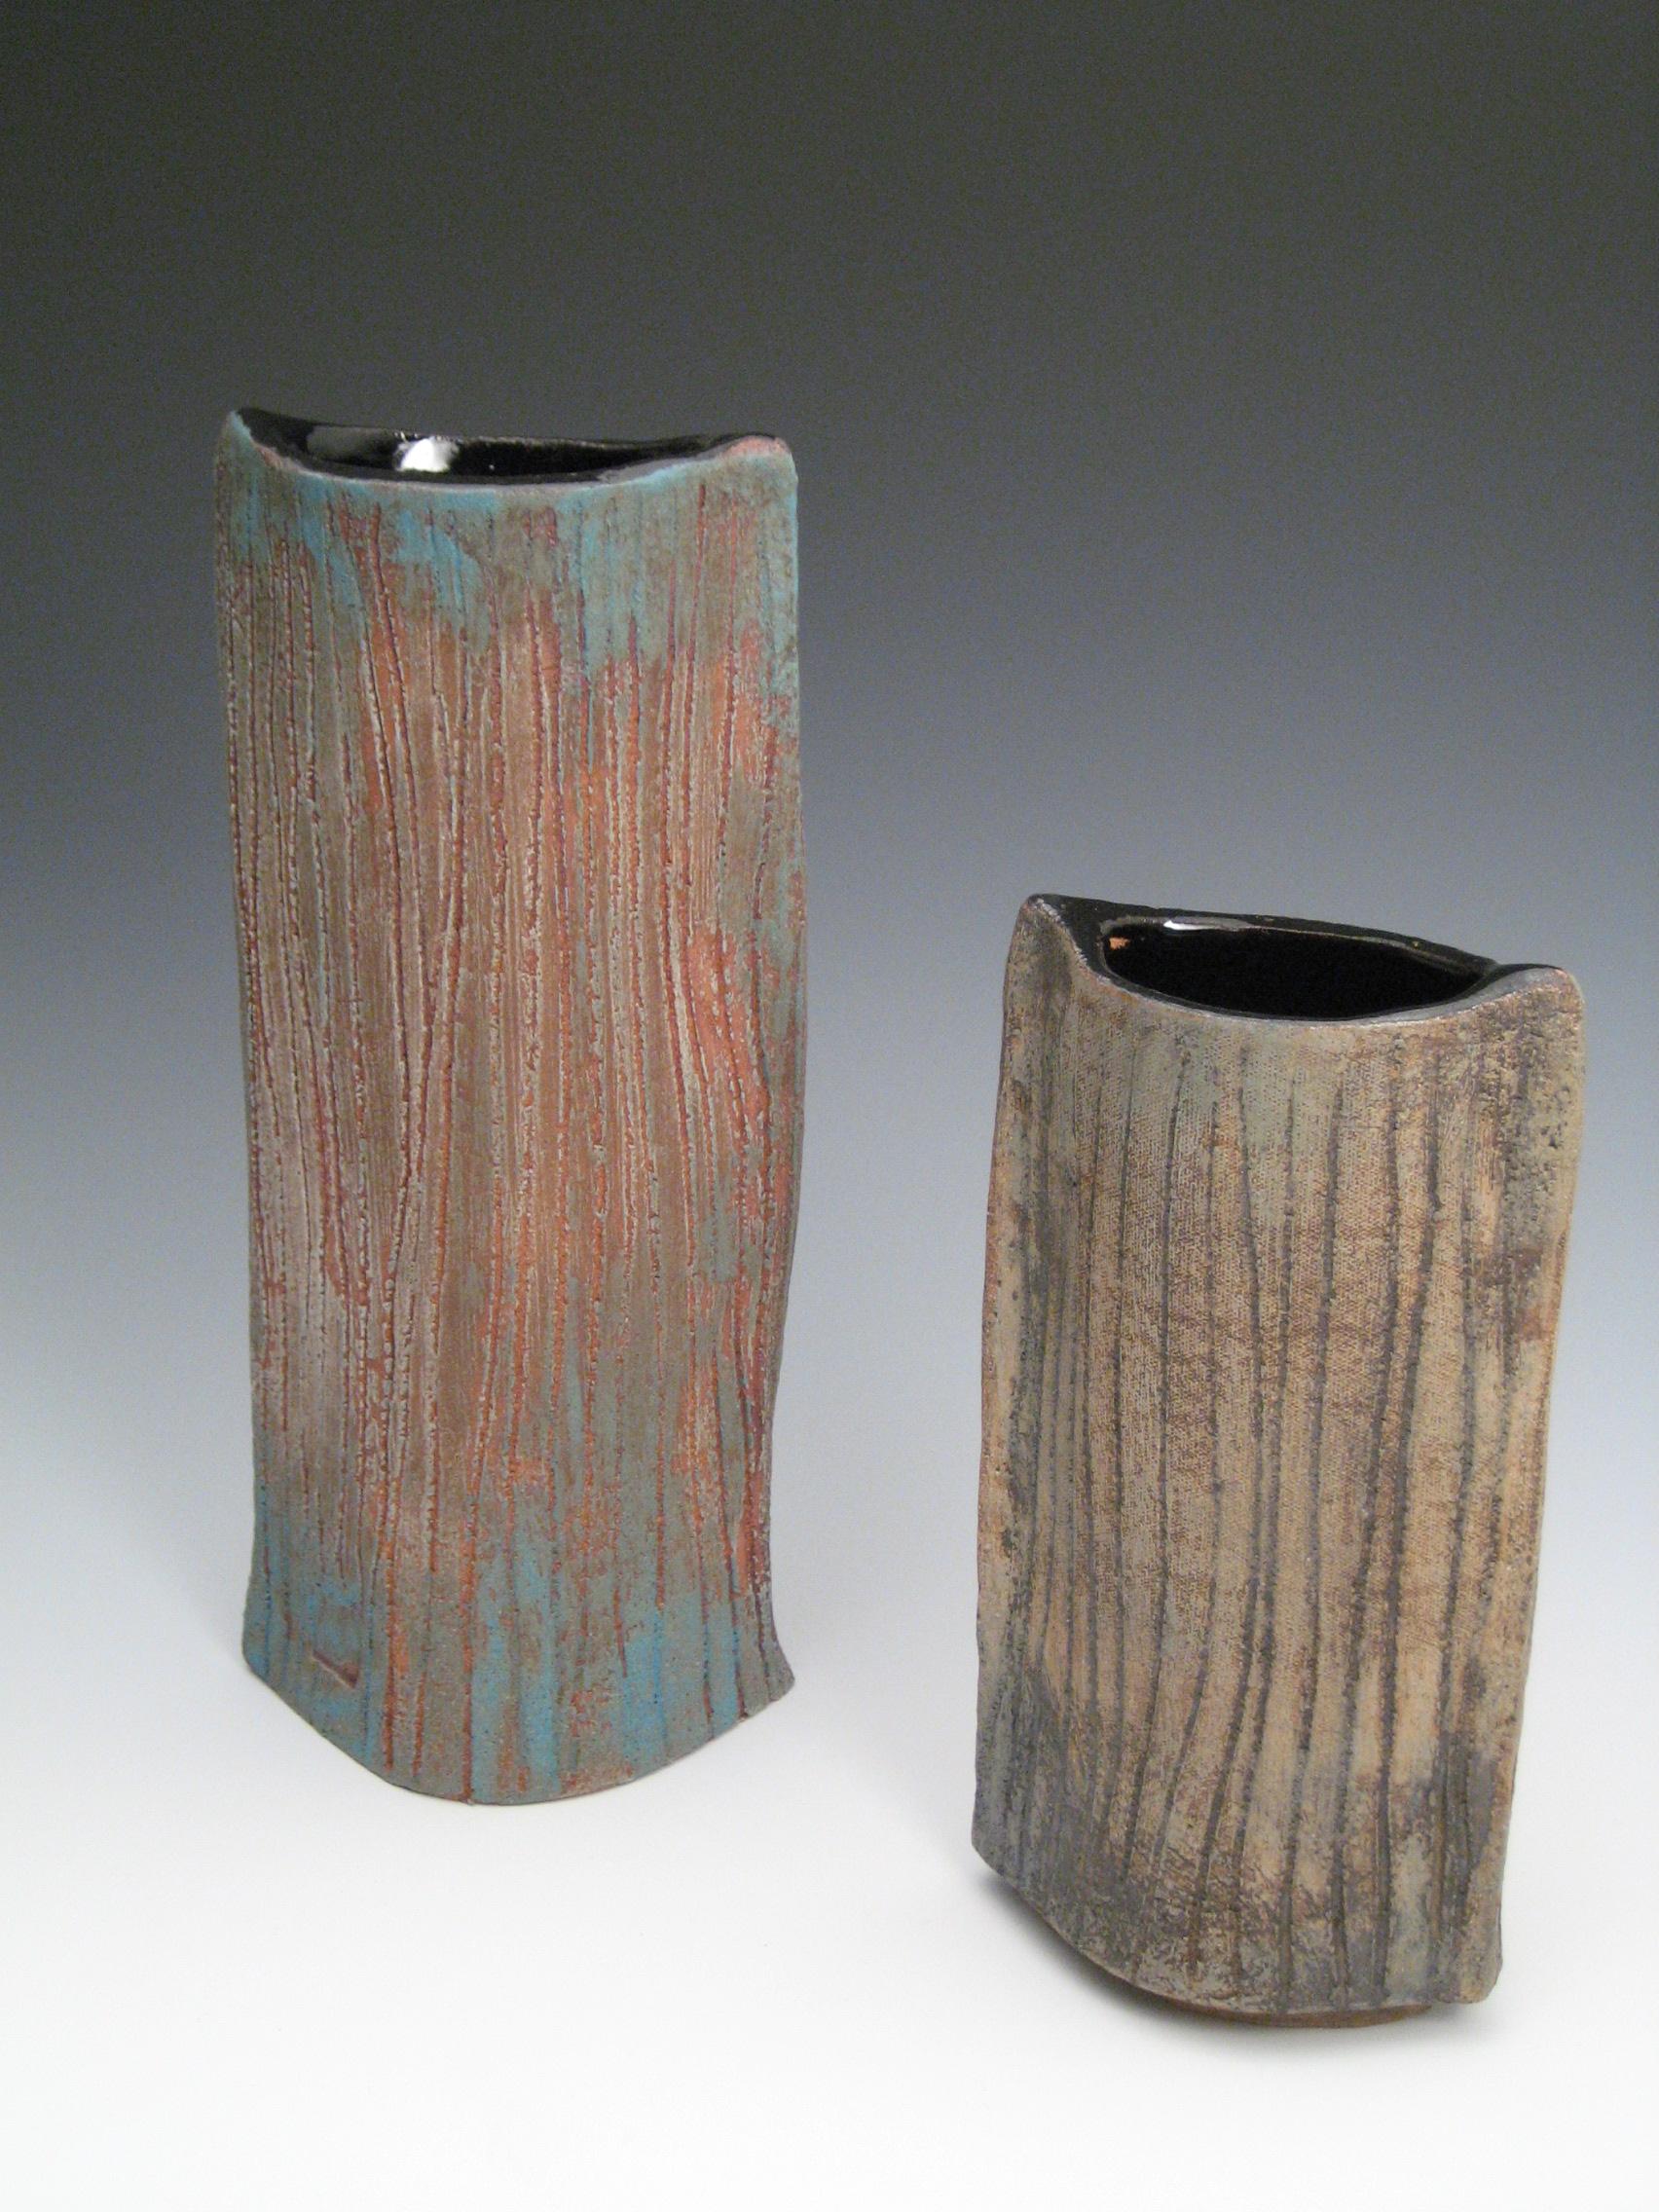 2 slab vases